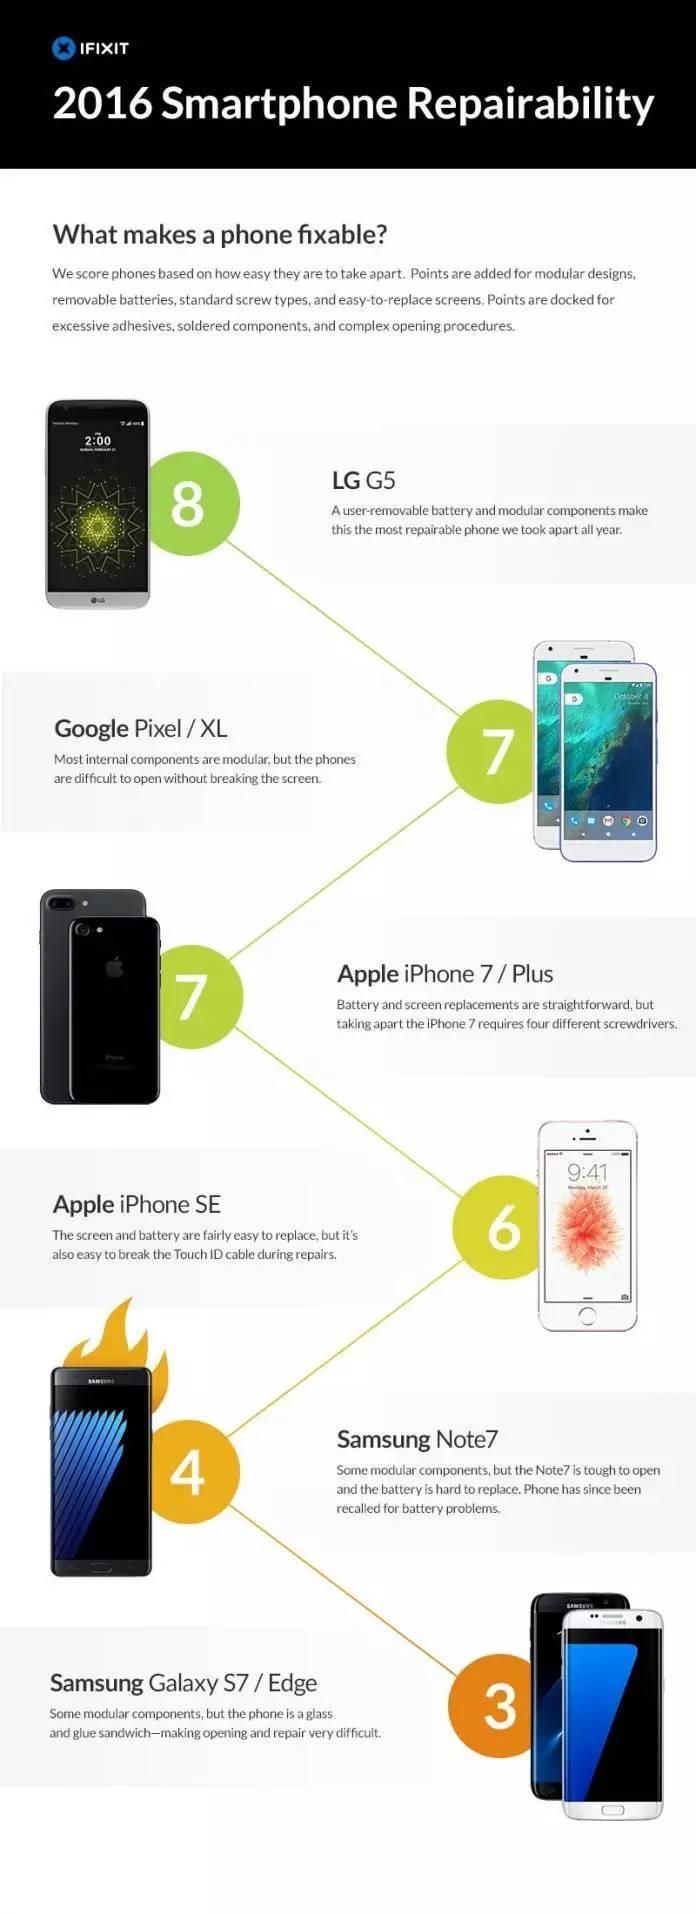 """谁是最难维修的手机?iFixit 发布2016手机维修难易"""""""